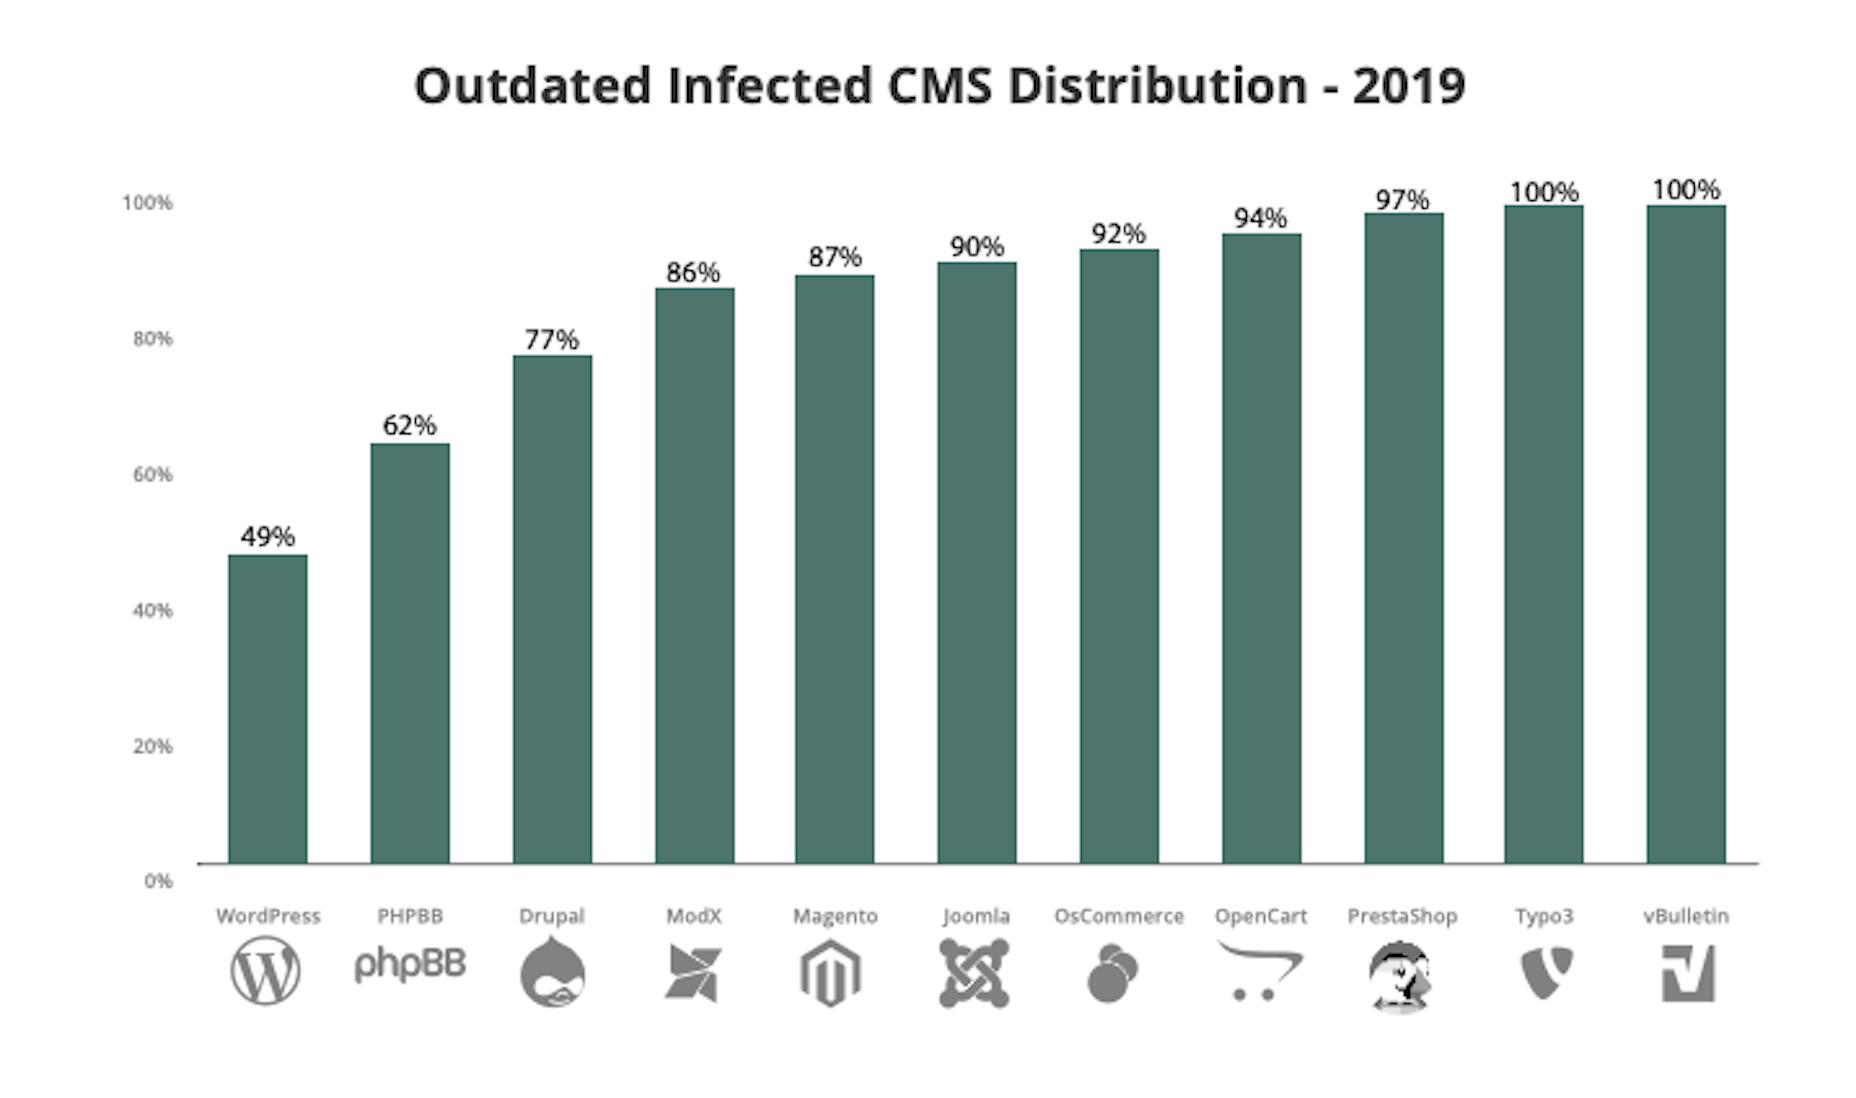 Rapport Sucuri - CMS infecté obsolète